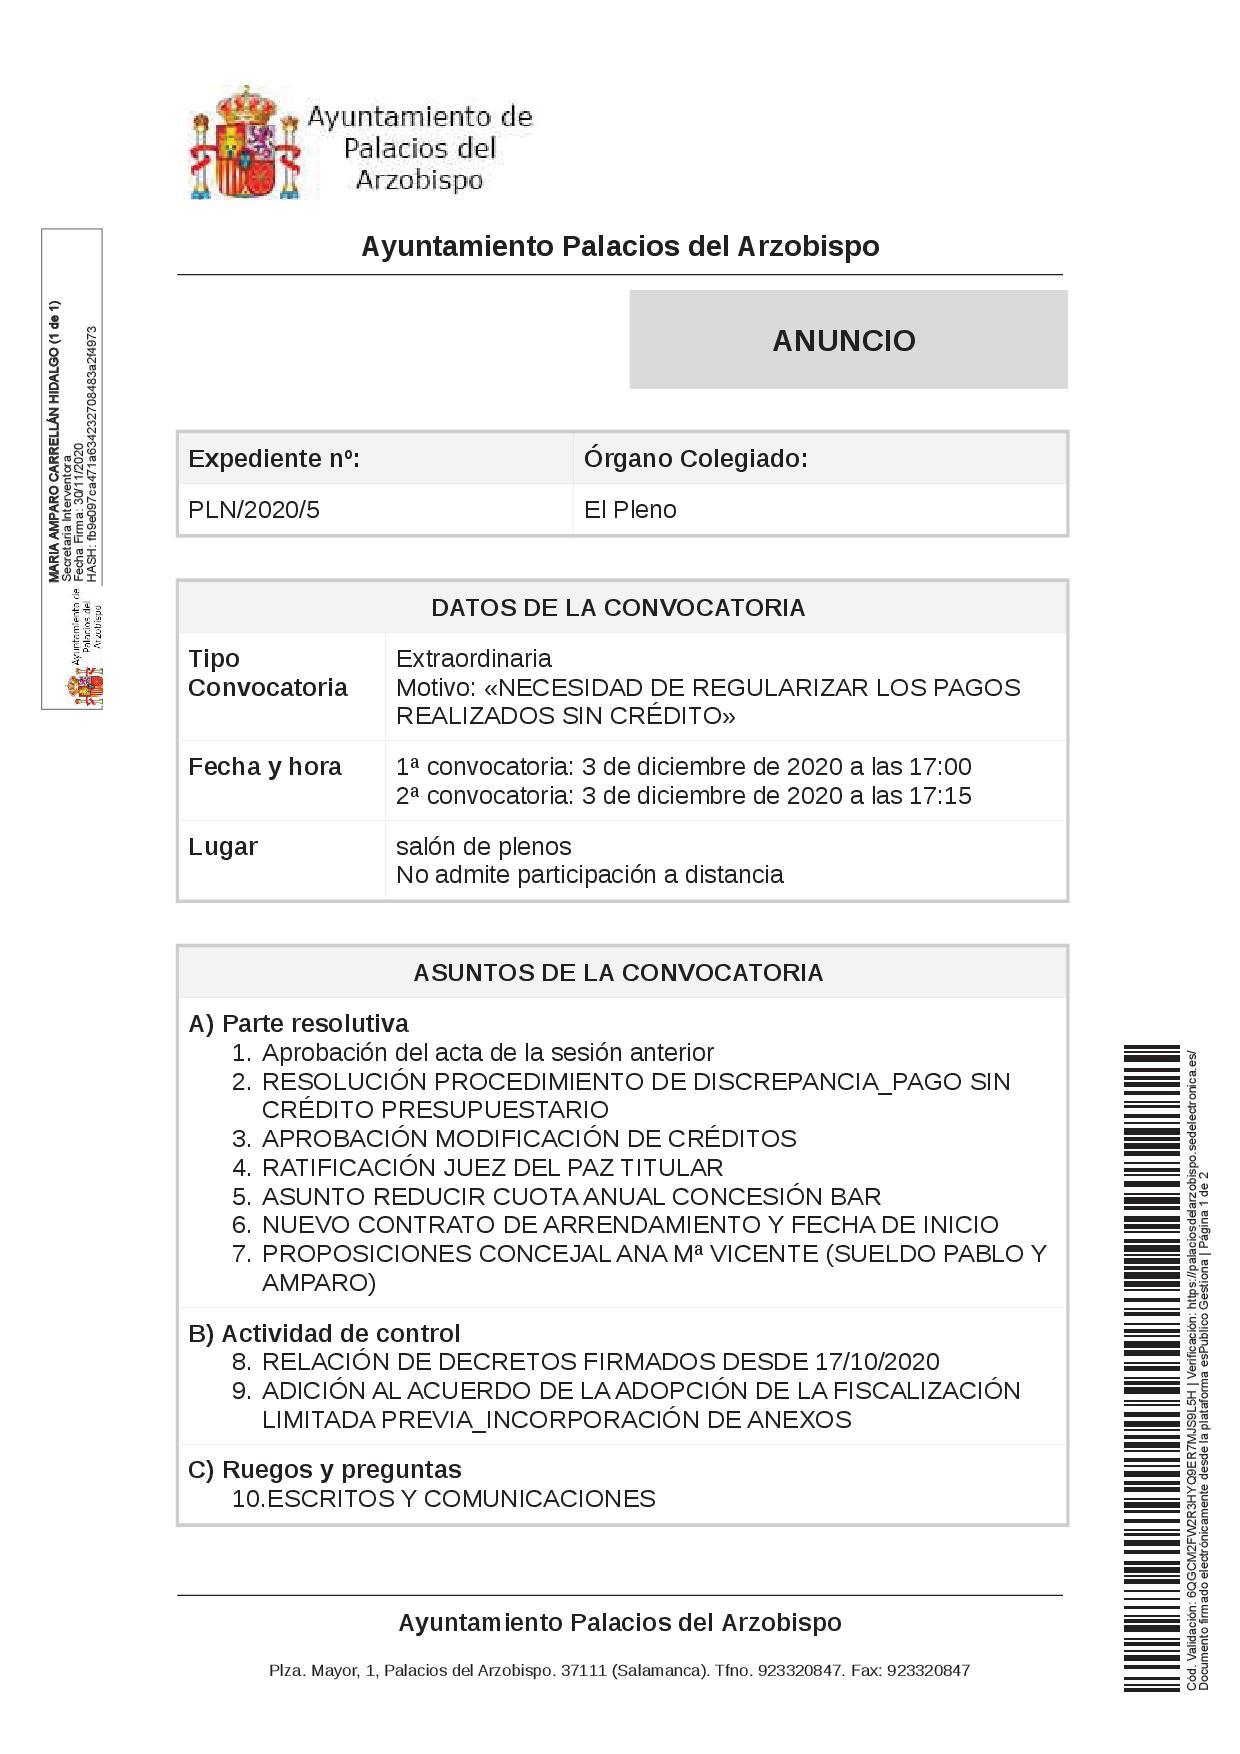 Convocatoria del Pleno Expte. PLN/2020/5